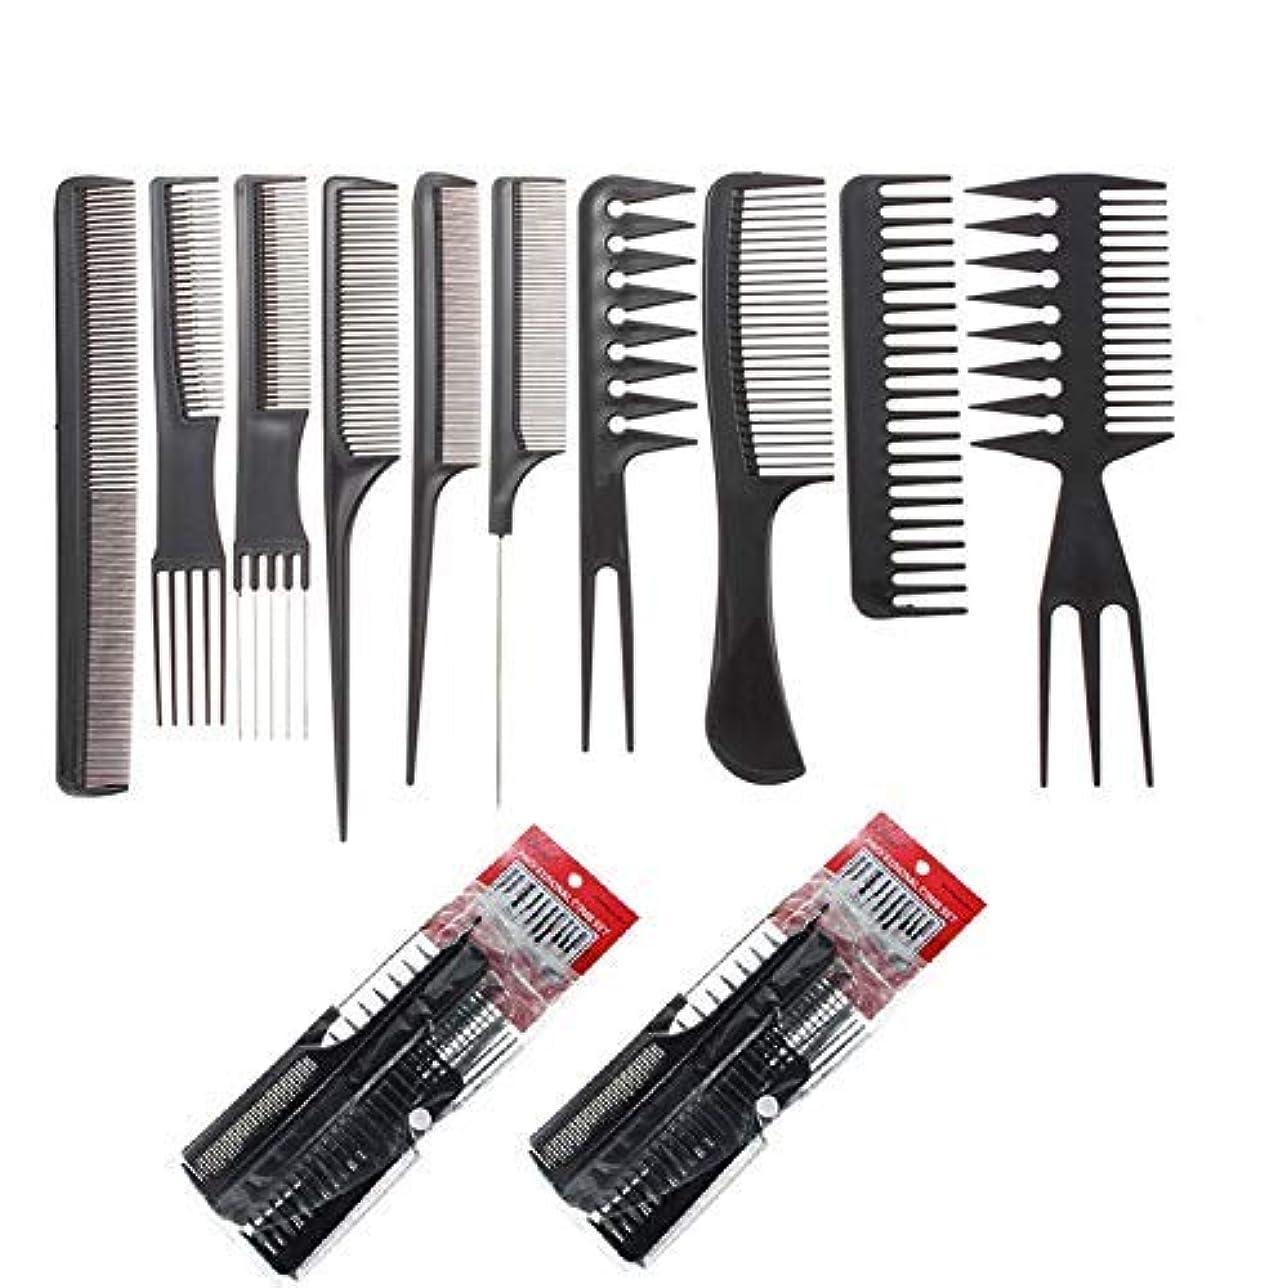 暖炉パイロット晩餐SBYURE 20pcs Professional Styling Comb Set,10pcs/Set,2 Set Salon Hairdressing Combs Hair Care Styling Tools Hair Cutting Comb Sets Kit [並行輸入品]